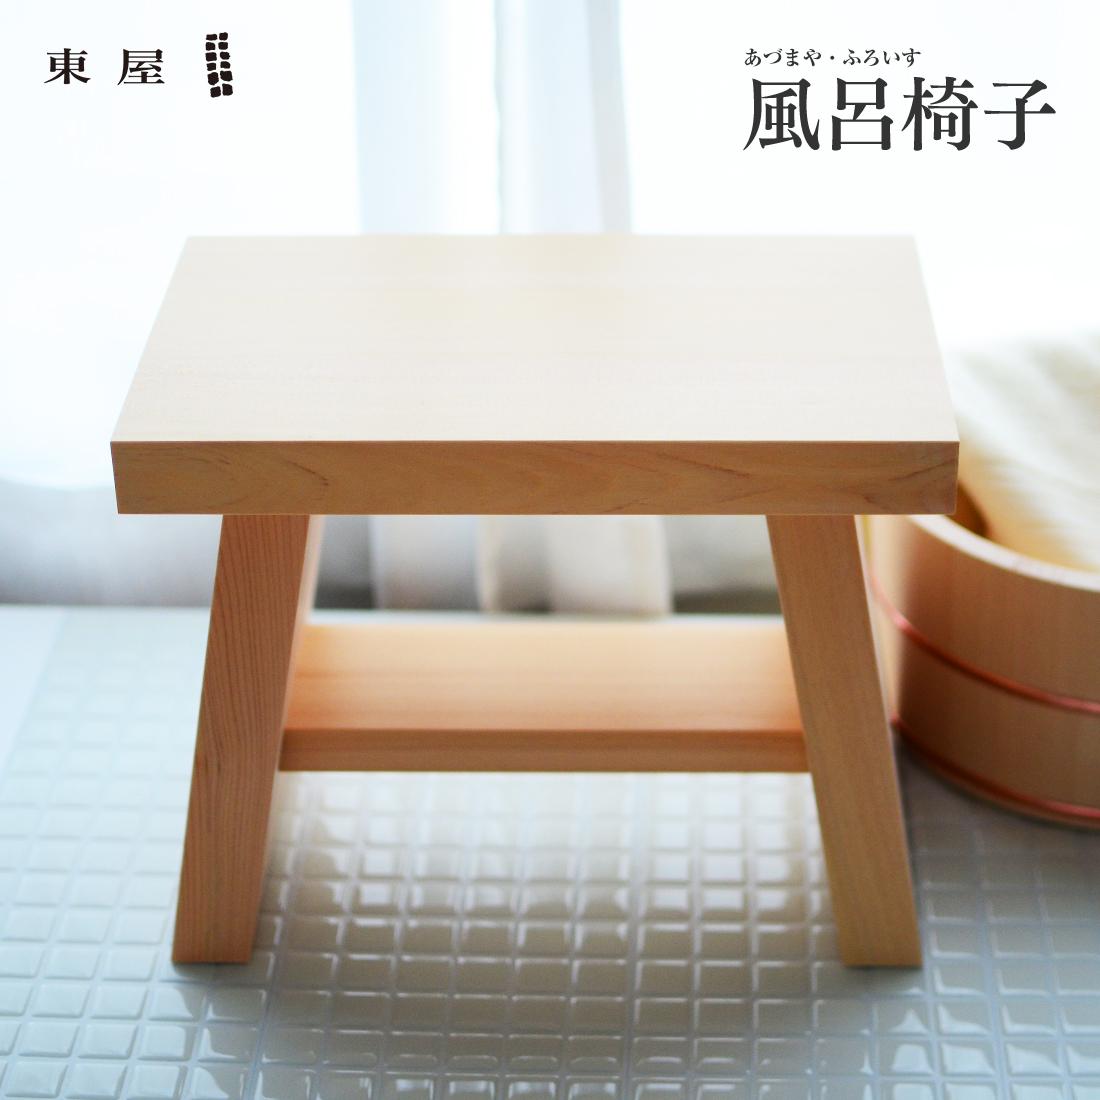 【東屋・あづまや】風呂椅子 AZYI00553 /スツール/椅子/イス/木製/ヒノキ バスグッズ お風呂 コンビニ受取対応